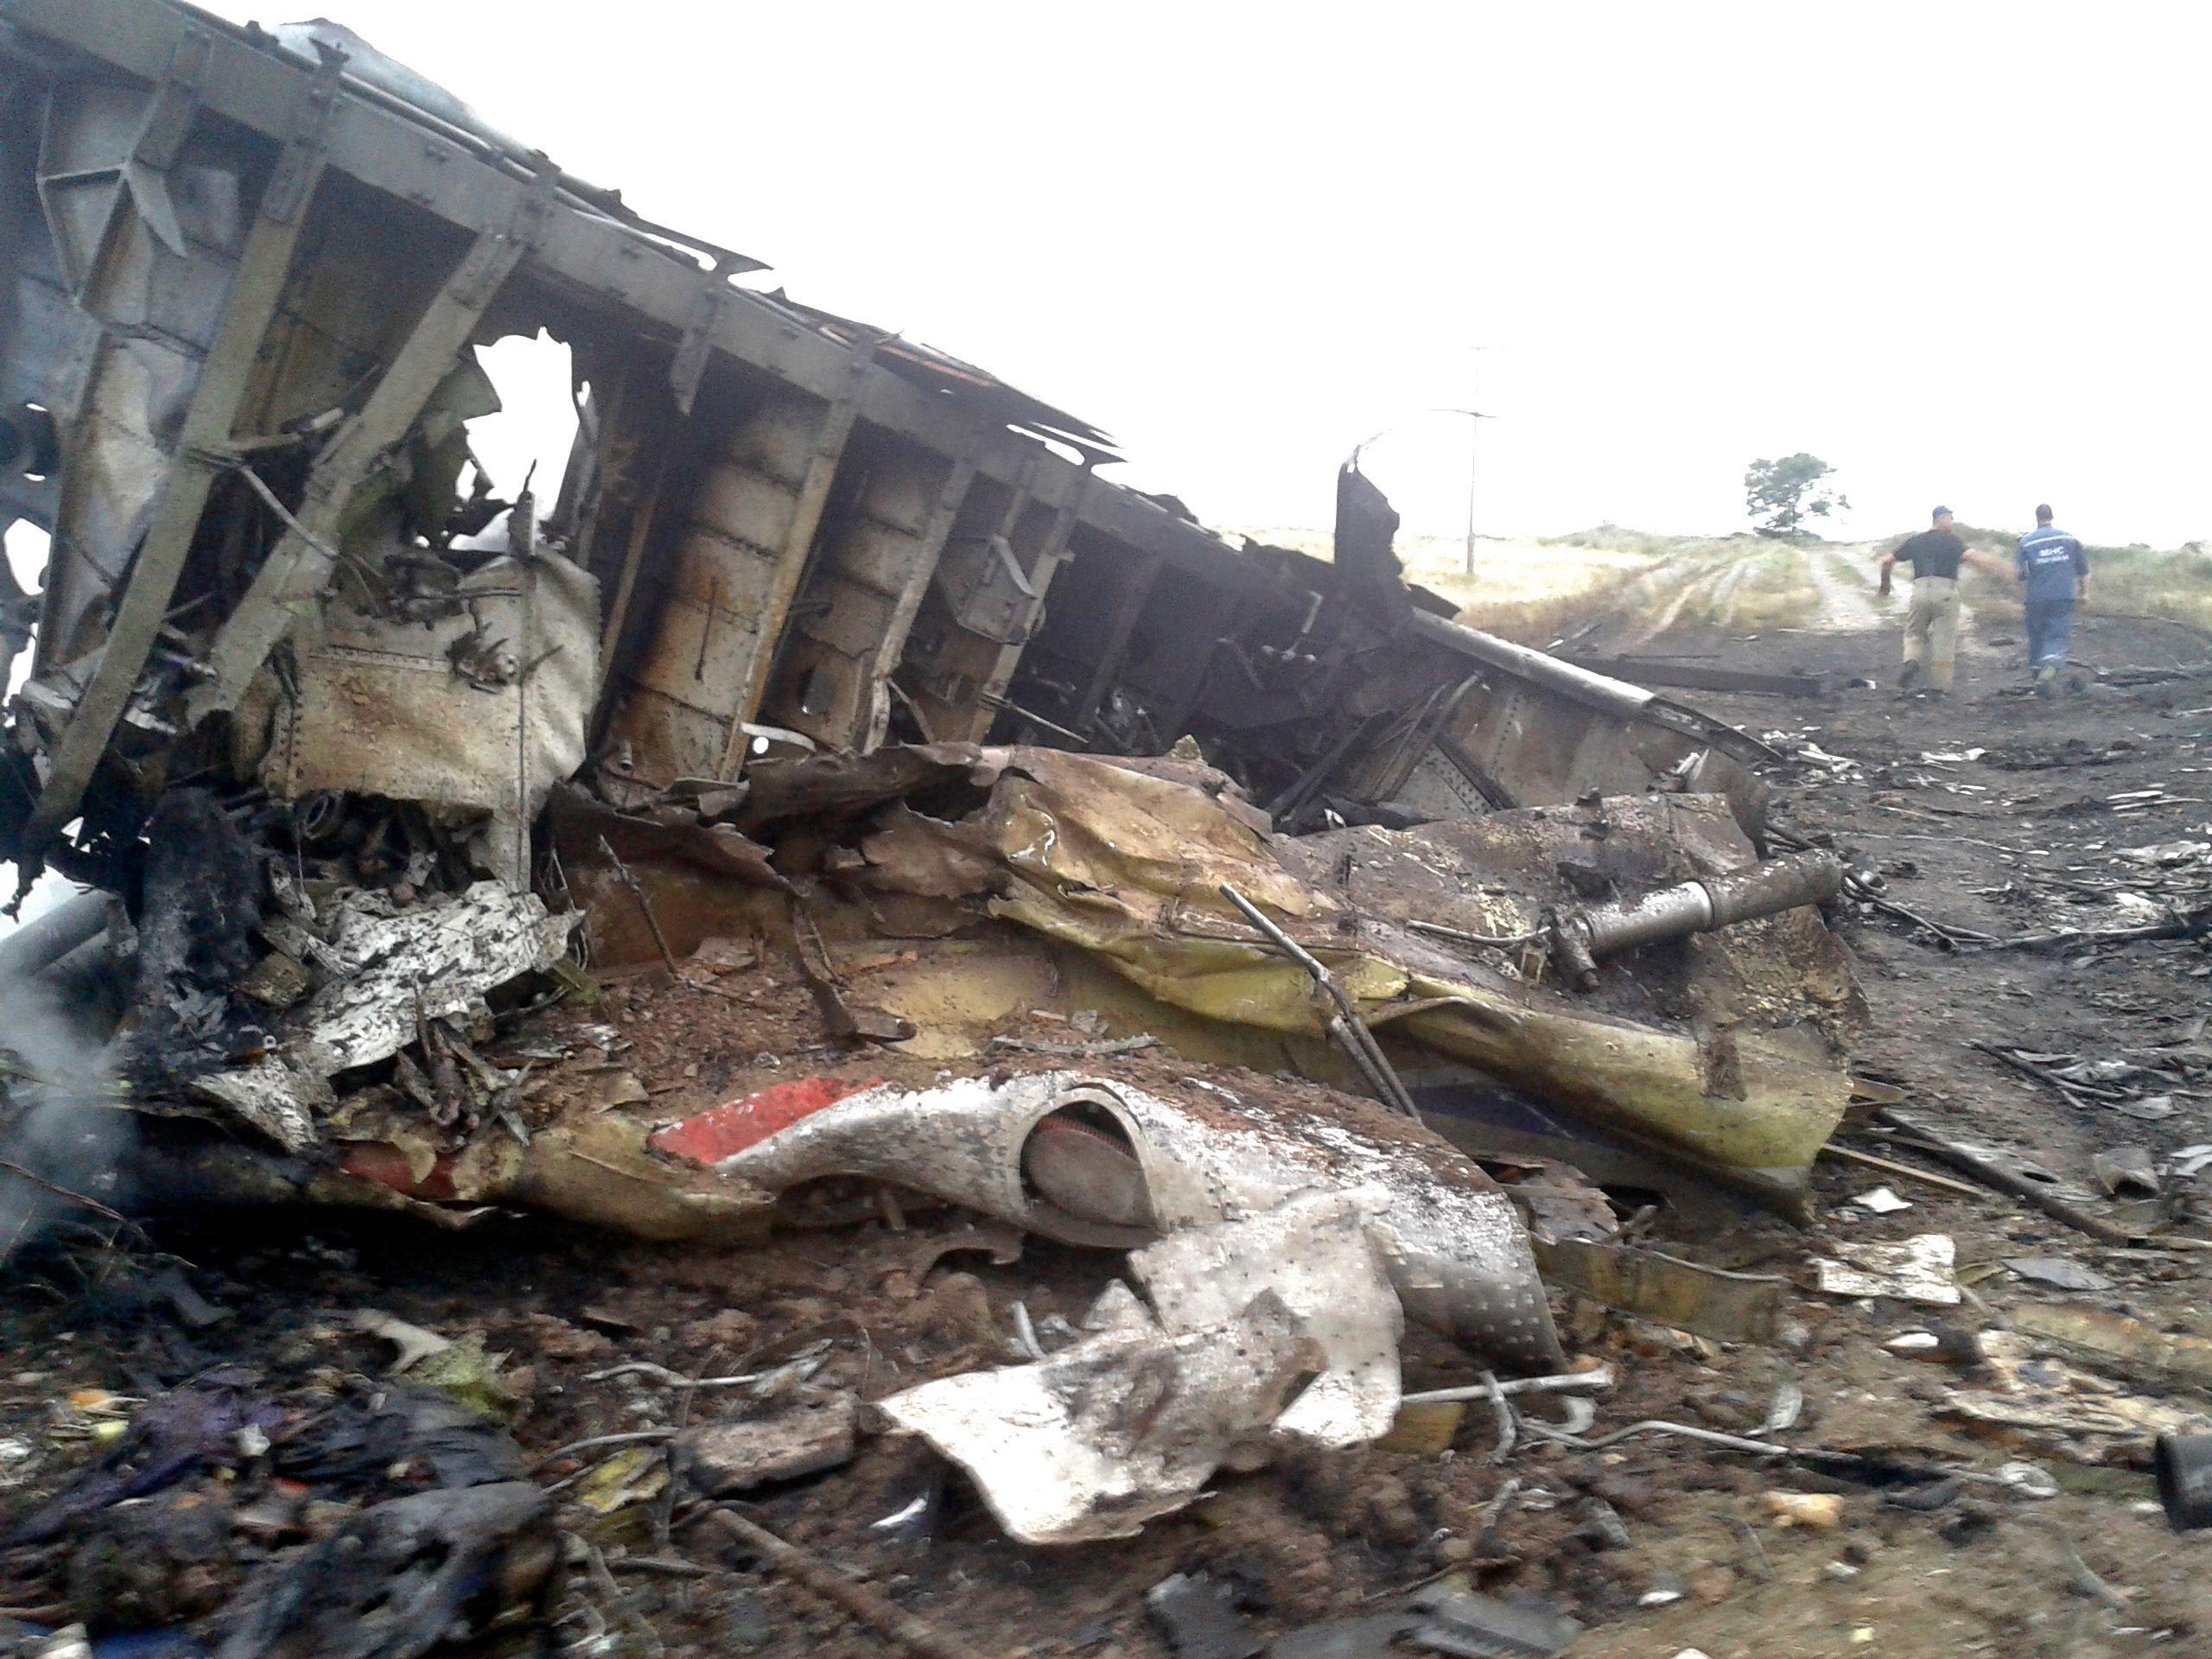 L'avion de la Malaysia Airlines abattu par un missile survolait une zone de conflits et a pu être visé par erreur par l'un des camps